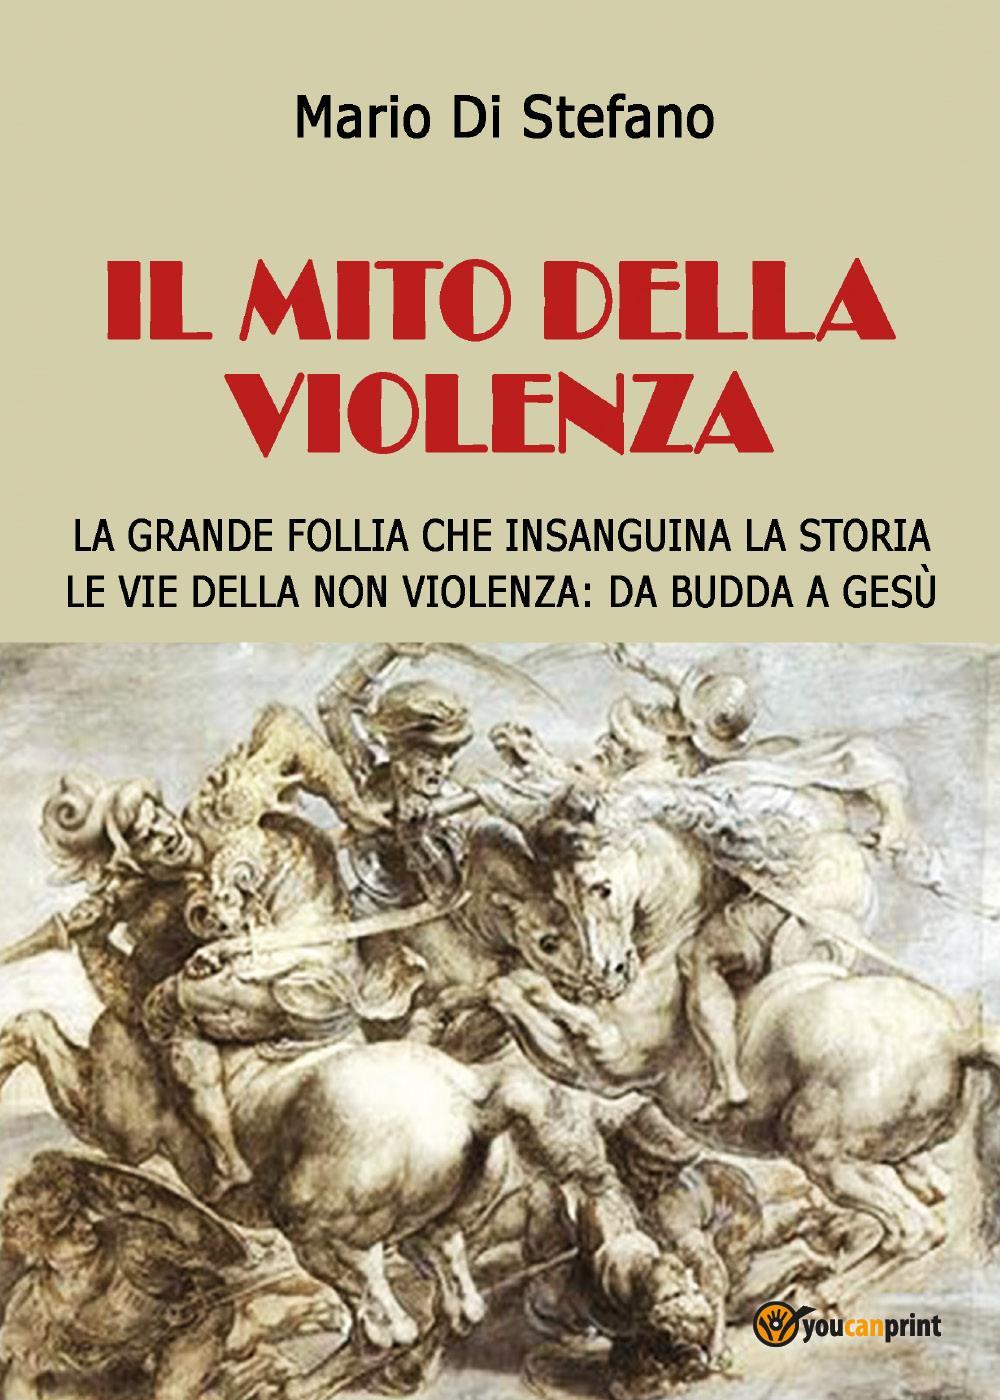 Il mito della violenza